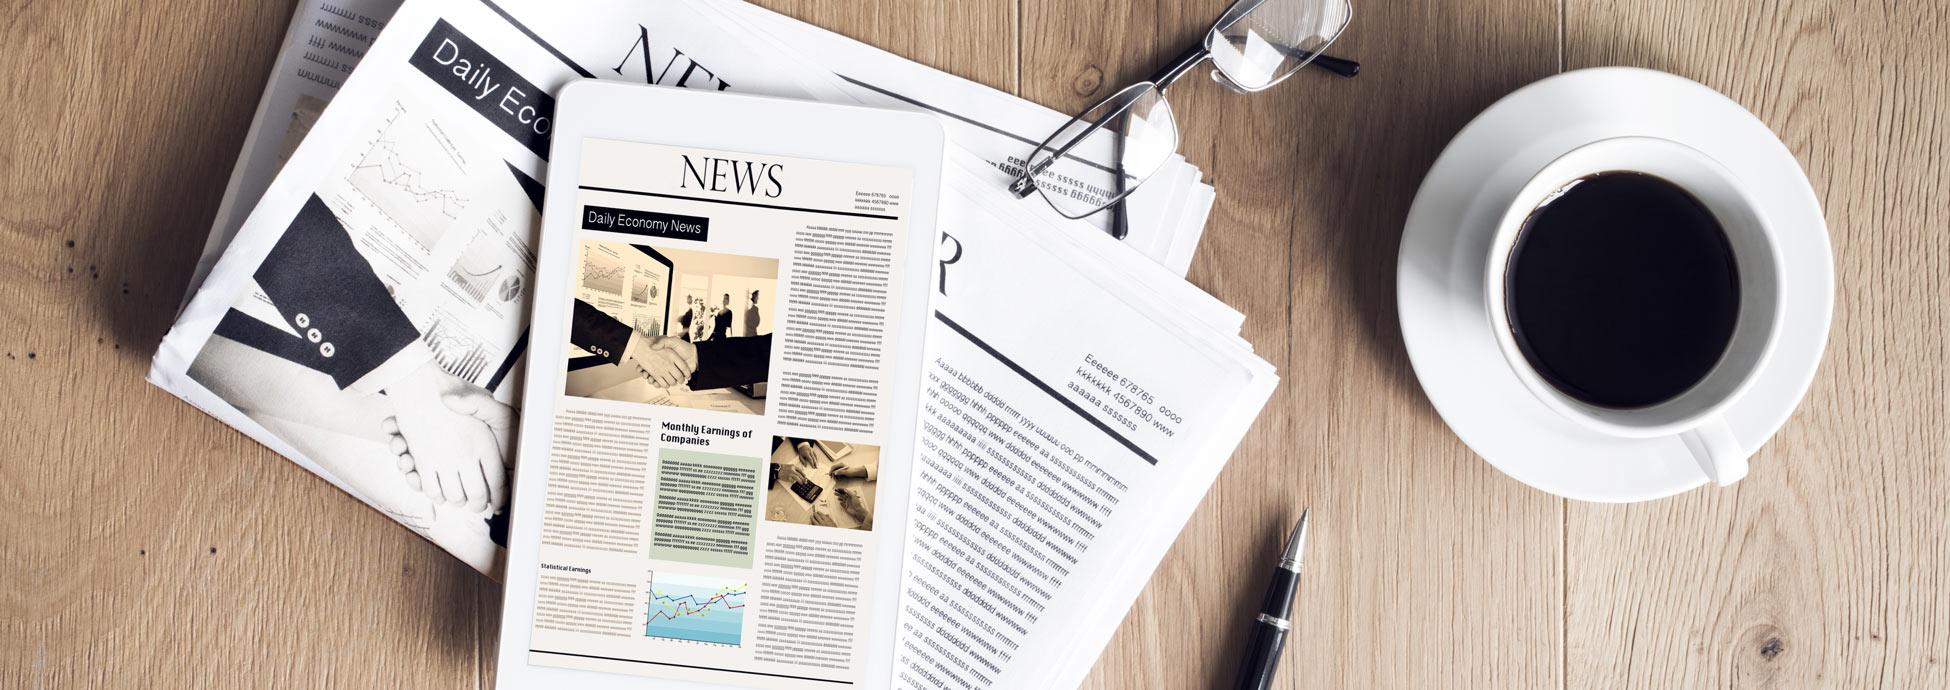 Aktualne informacje, terminy i komunikaty prasowe